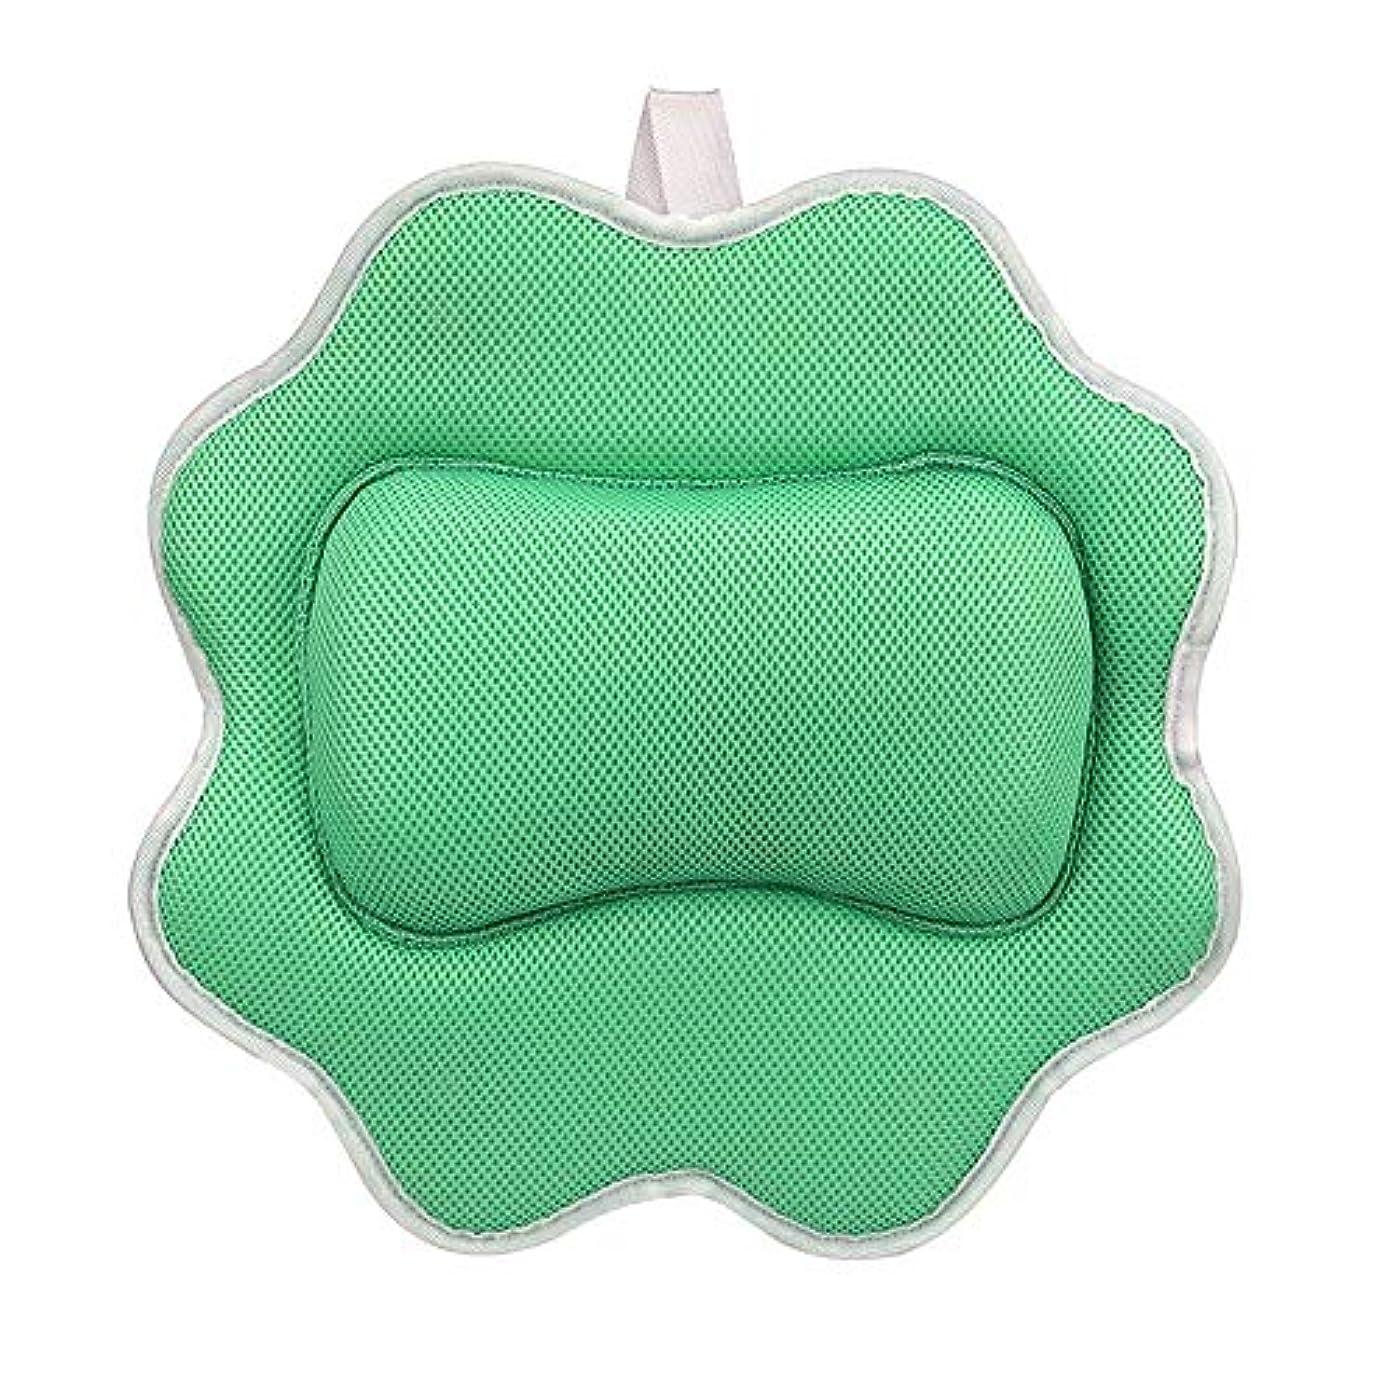 子猫ウミウシ旋回サンフラワーバスピロースパマッサージ枕用アップグレード5 dエアーメッシュ技術あなたの肌と首を保護、洗濯機で洗えます